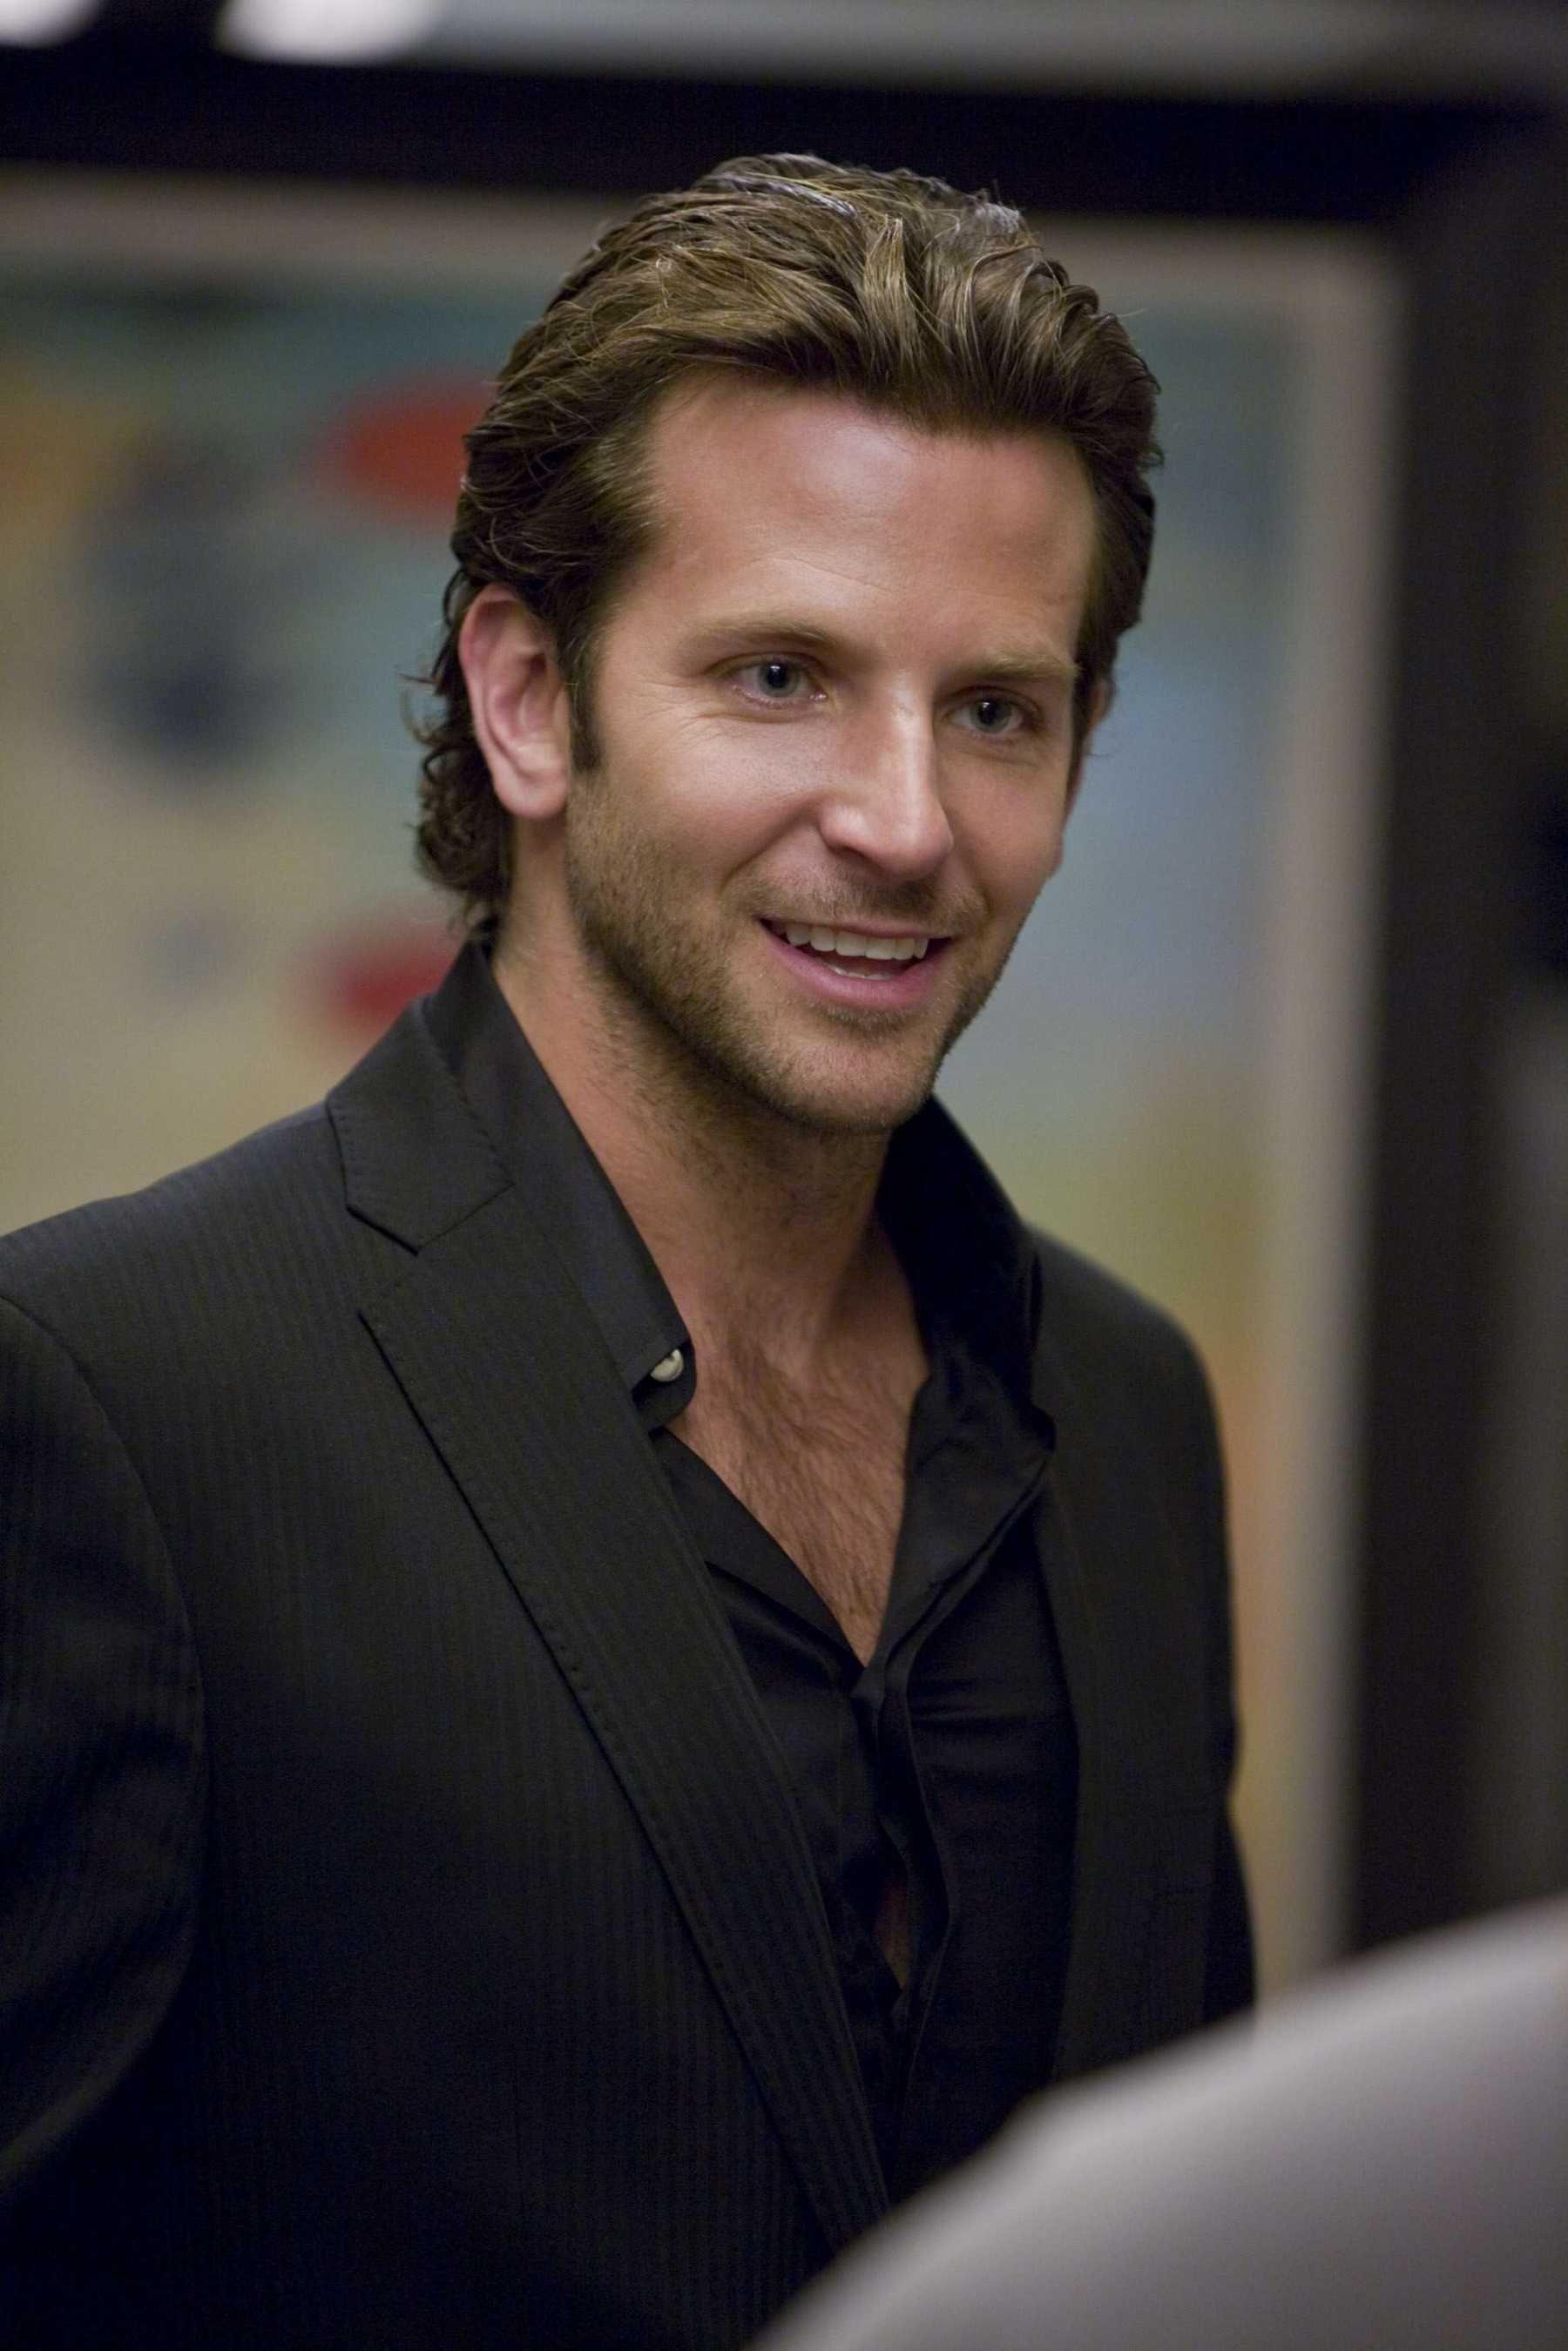 Bradley Cooper dieulois